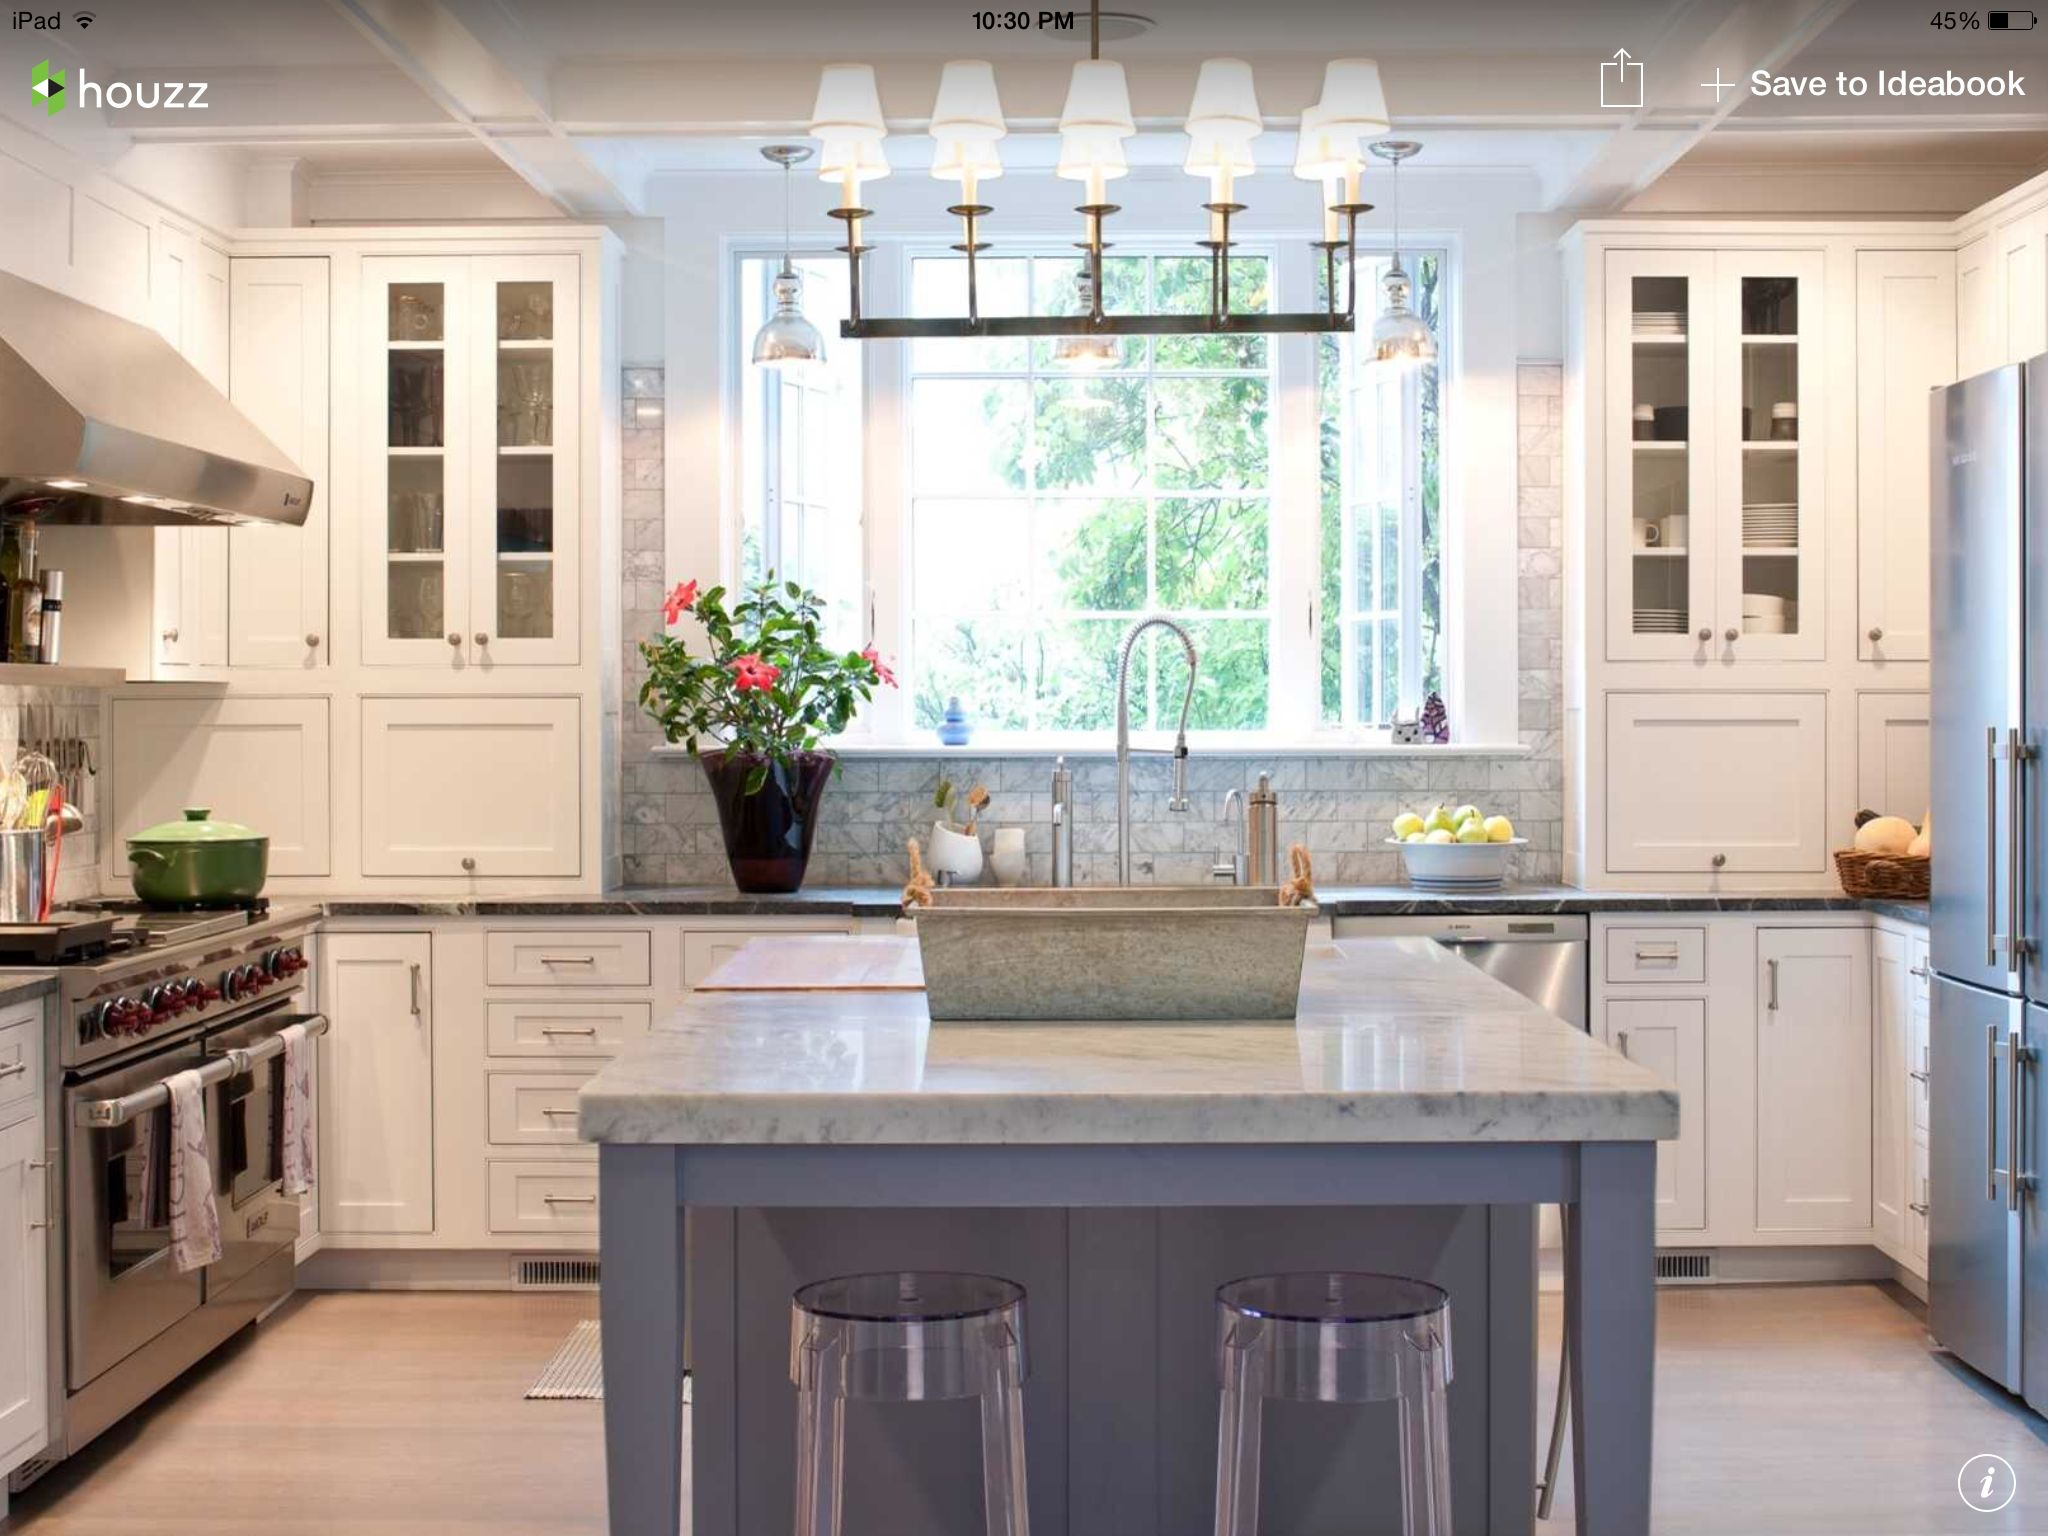 Kitchens kitchen pinterest family kitchen kitchens and